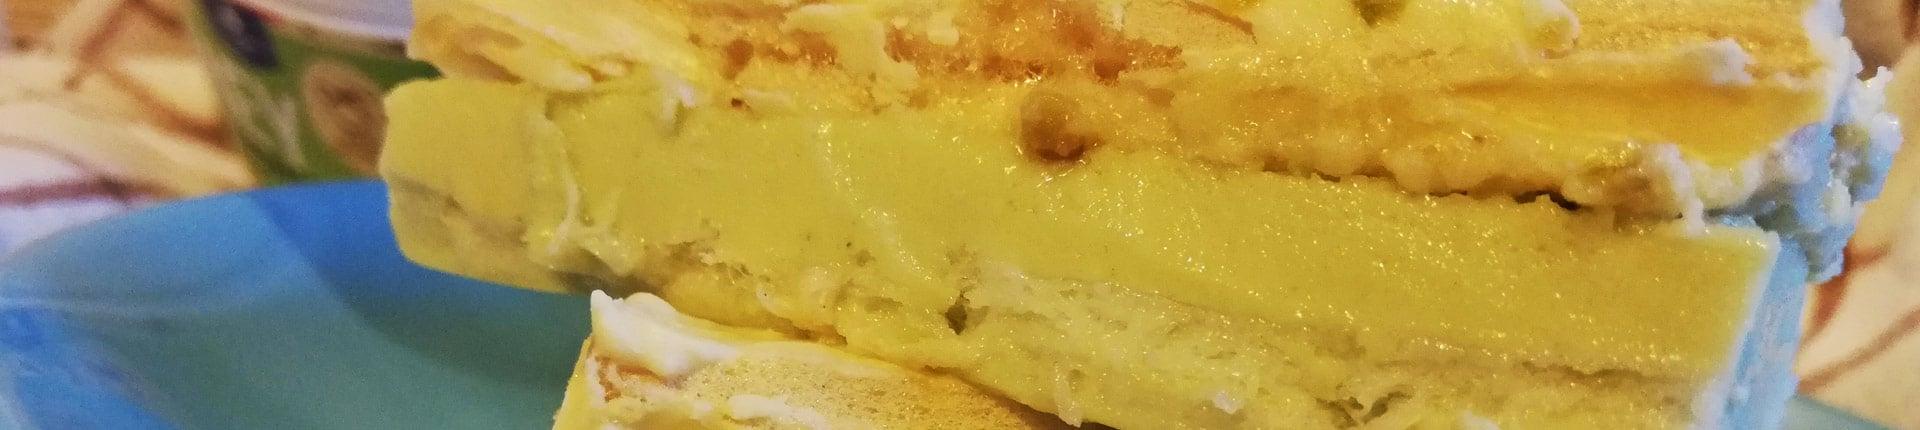 Pistacjowa mleczna kanapka